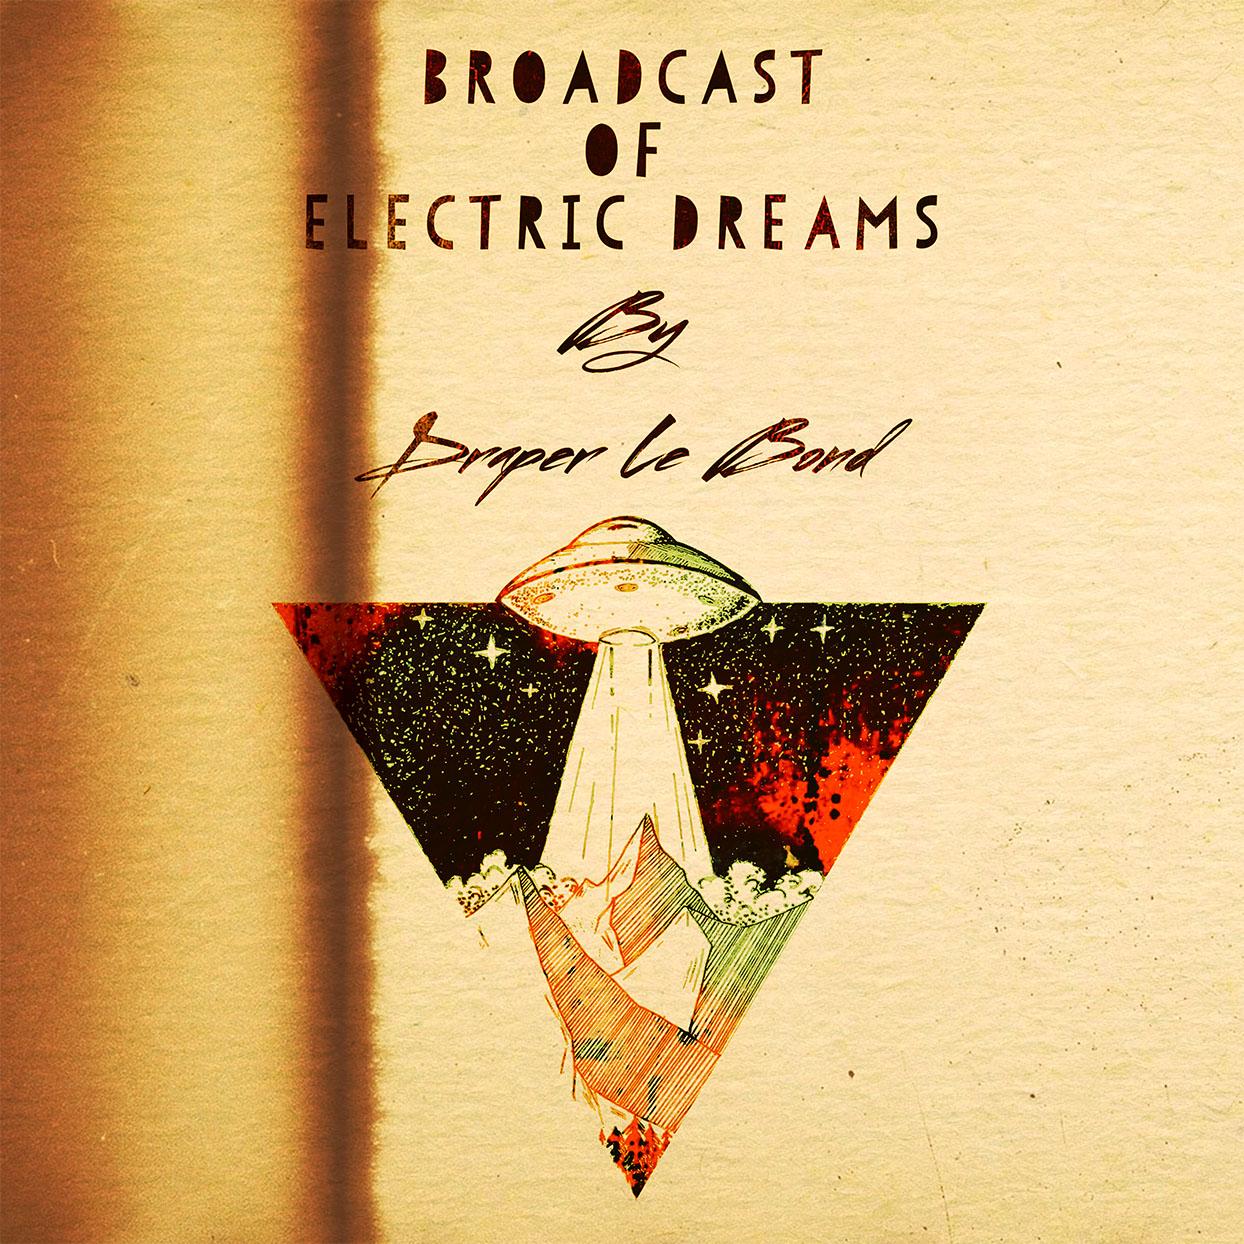 Broadcast of Electric Dreams portadaen